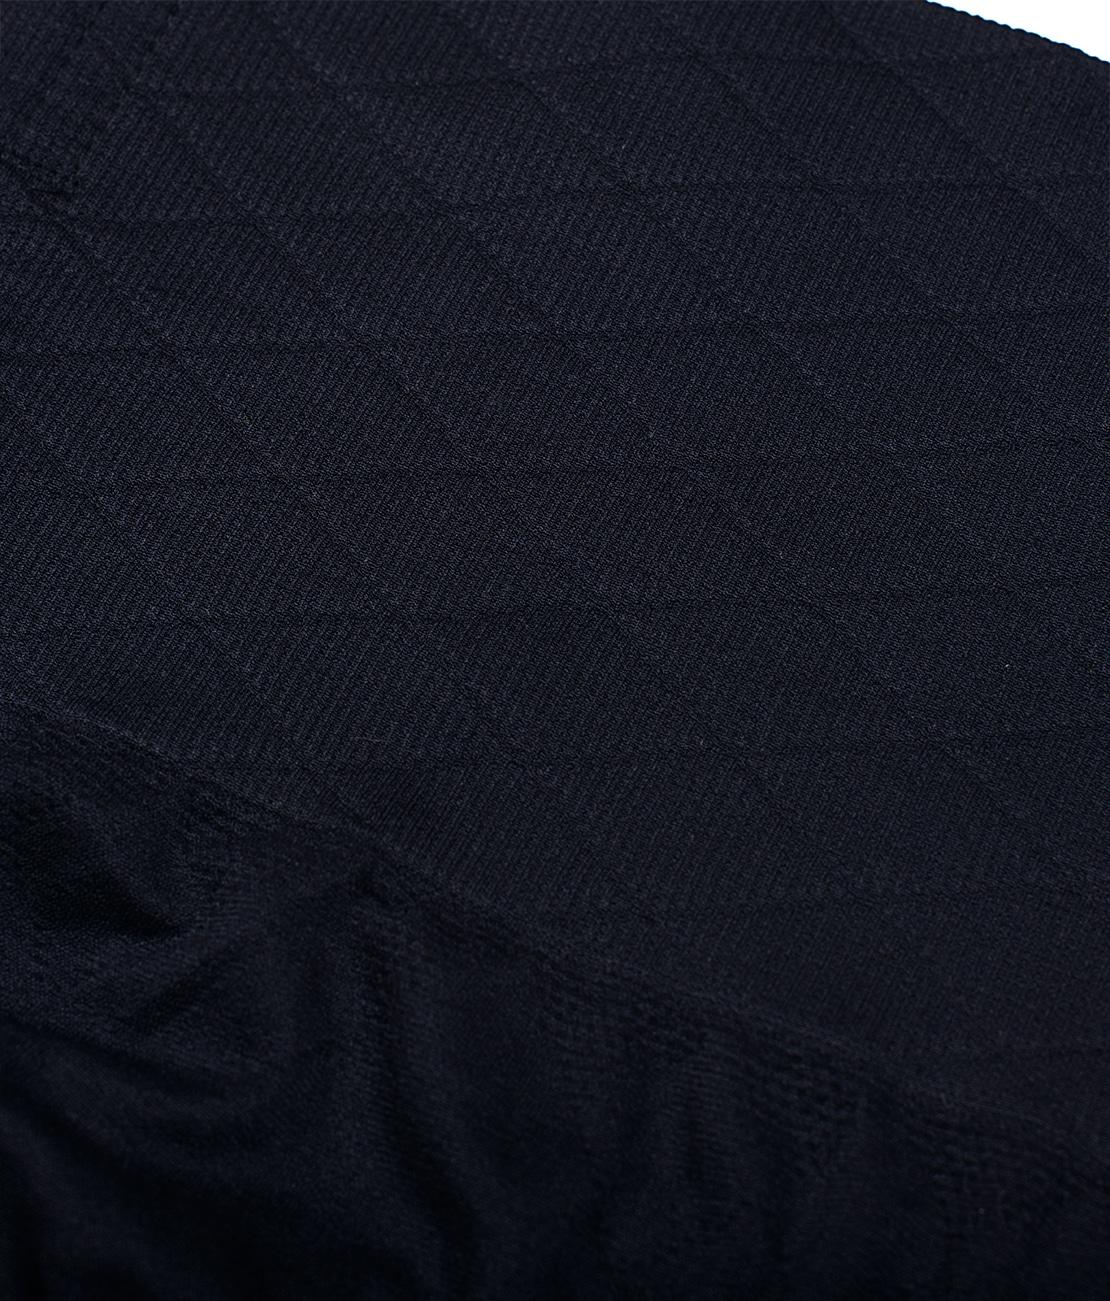 String Amincissant Noir Packshot Detail 2 bis